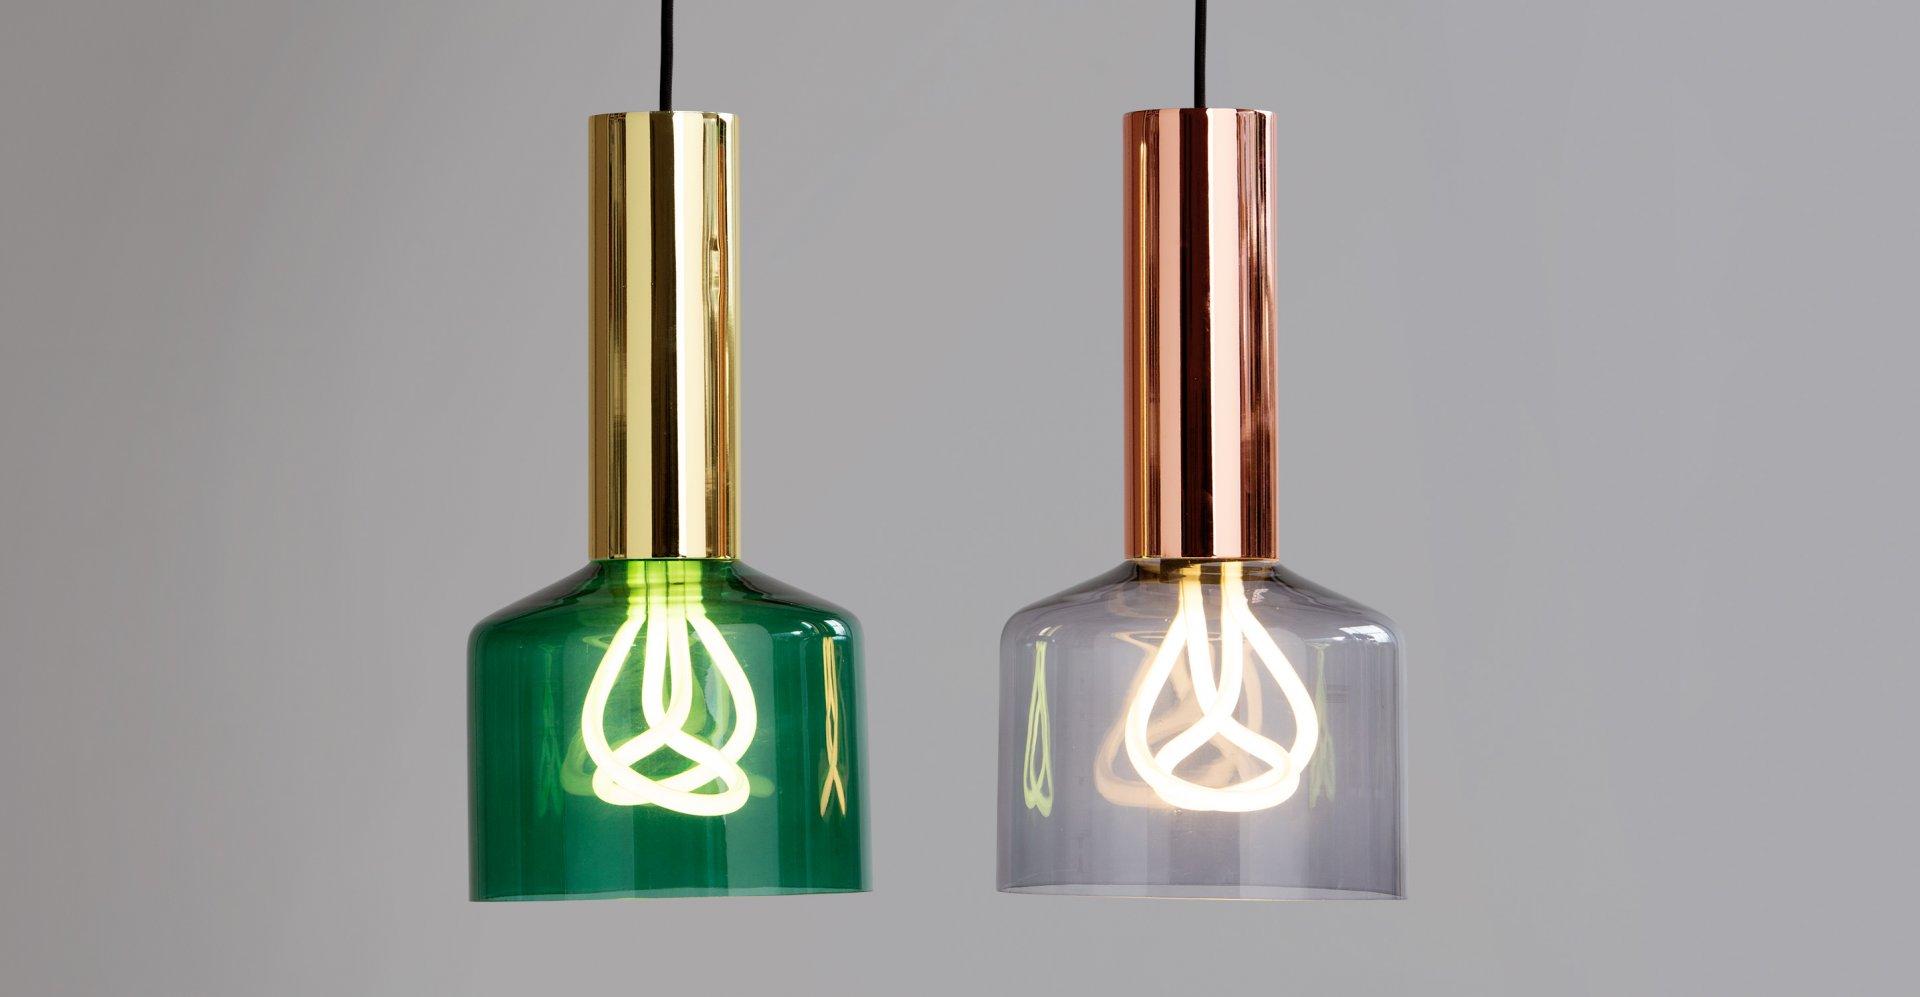 010_Rehm_Light_Brass_LB4 Made.com Hulger